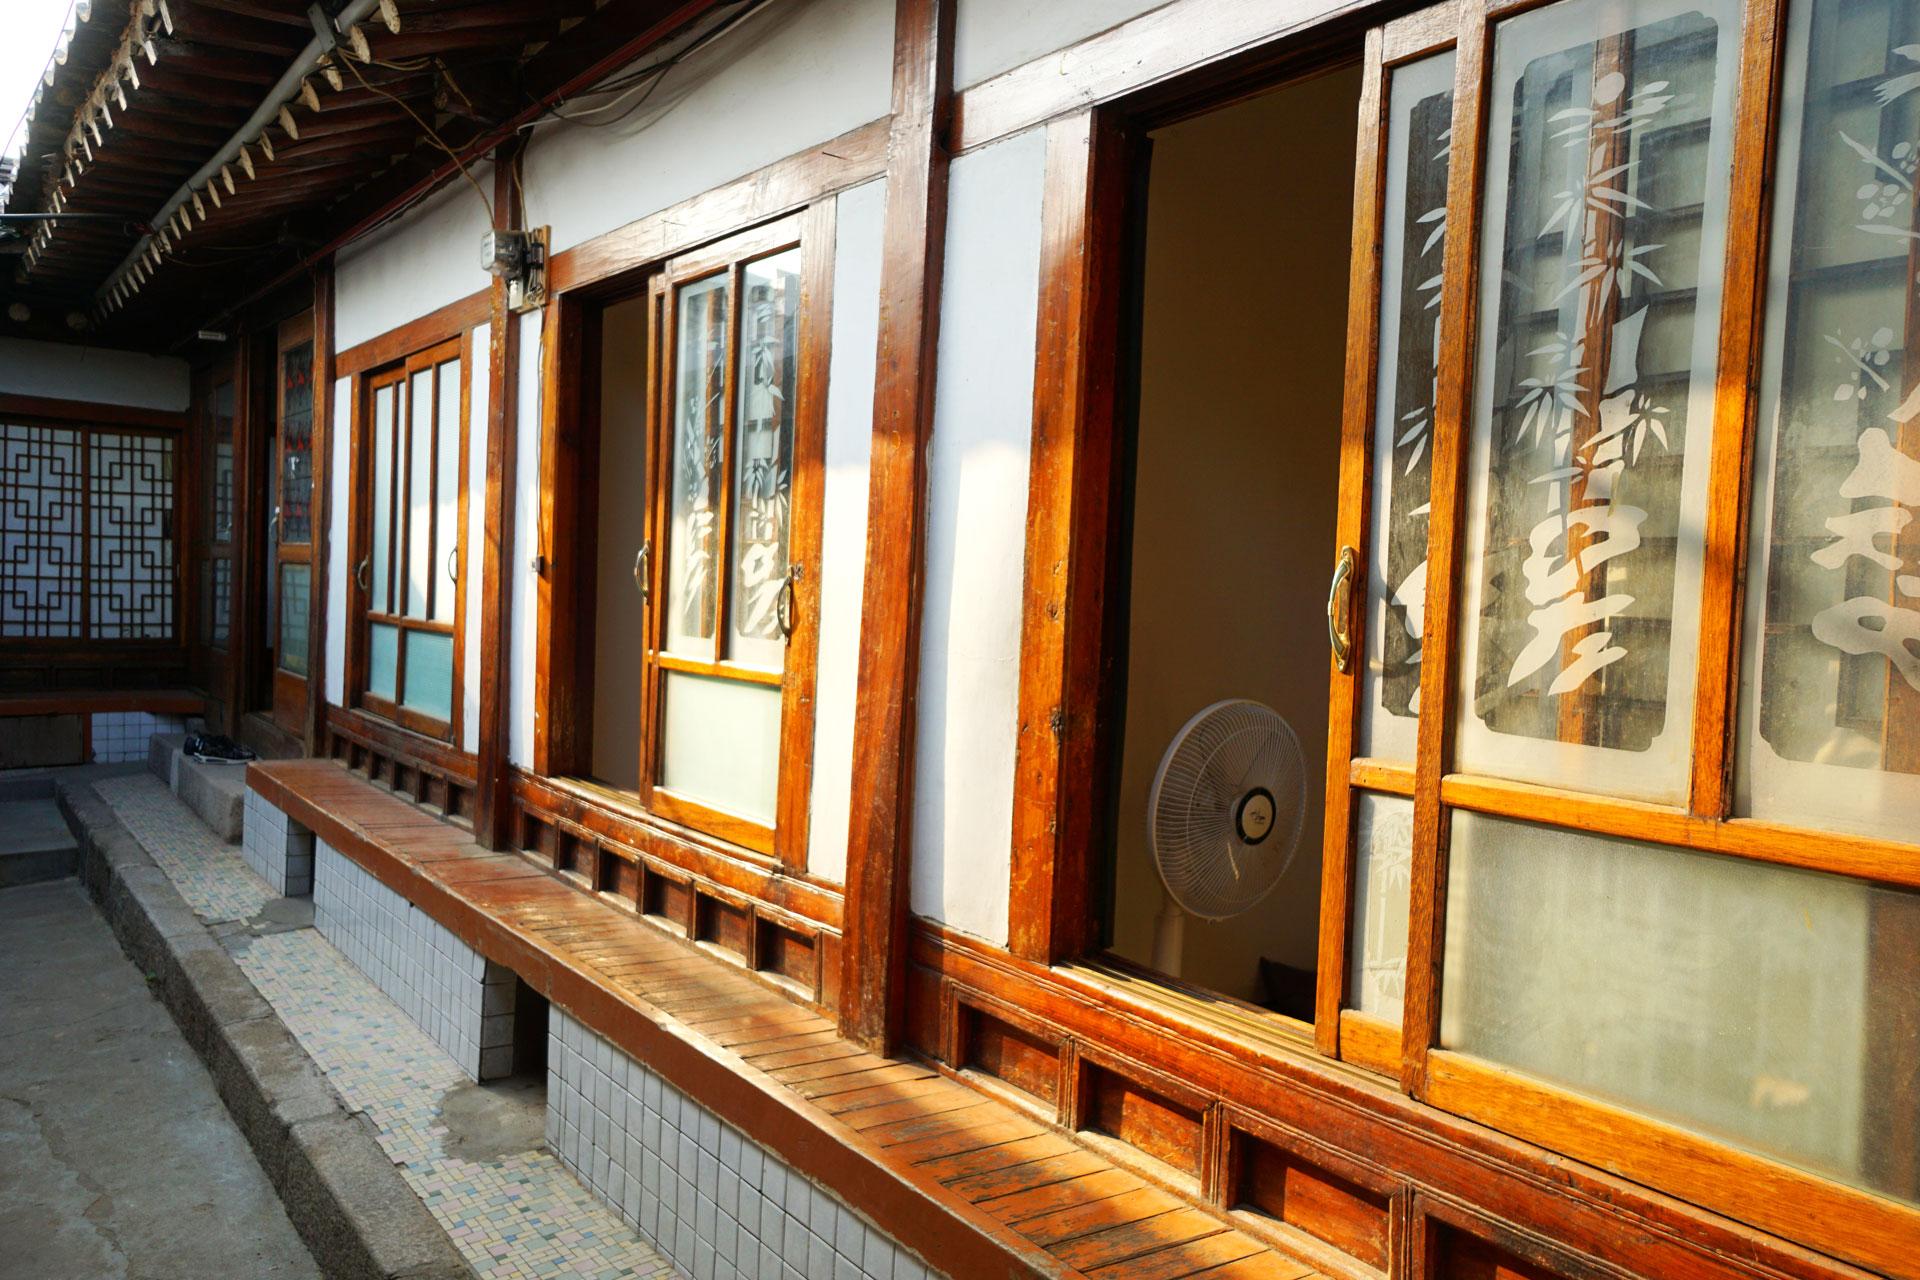 Ein ganz besonderes Erlebnis ist das Übernachten in einem traditionellen koreanischen Hotel, wie hier zum Beispiel in Ikseondong